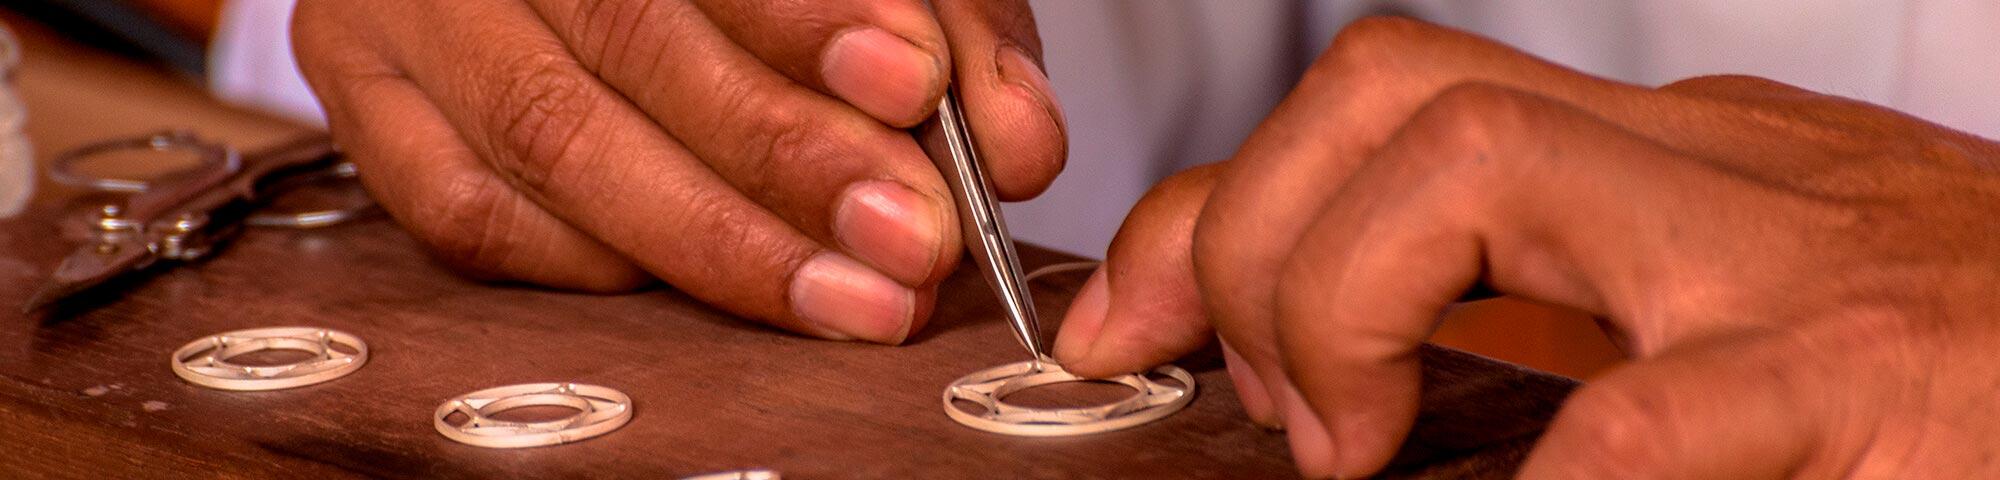 Localidad artesanal de Catacaos